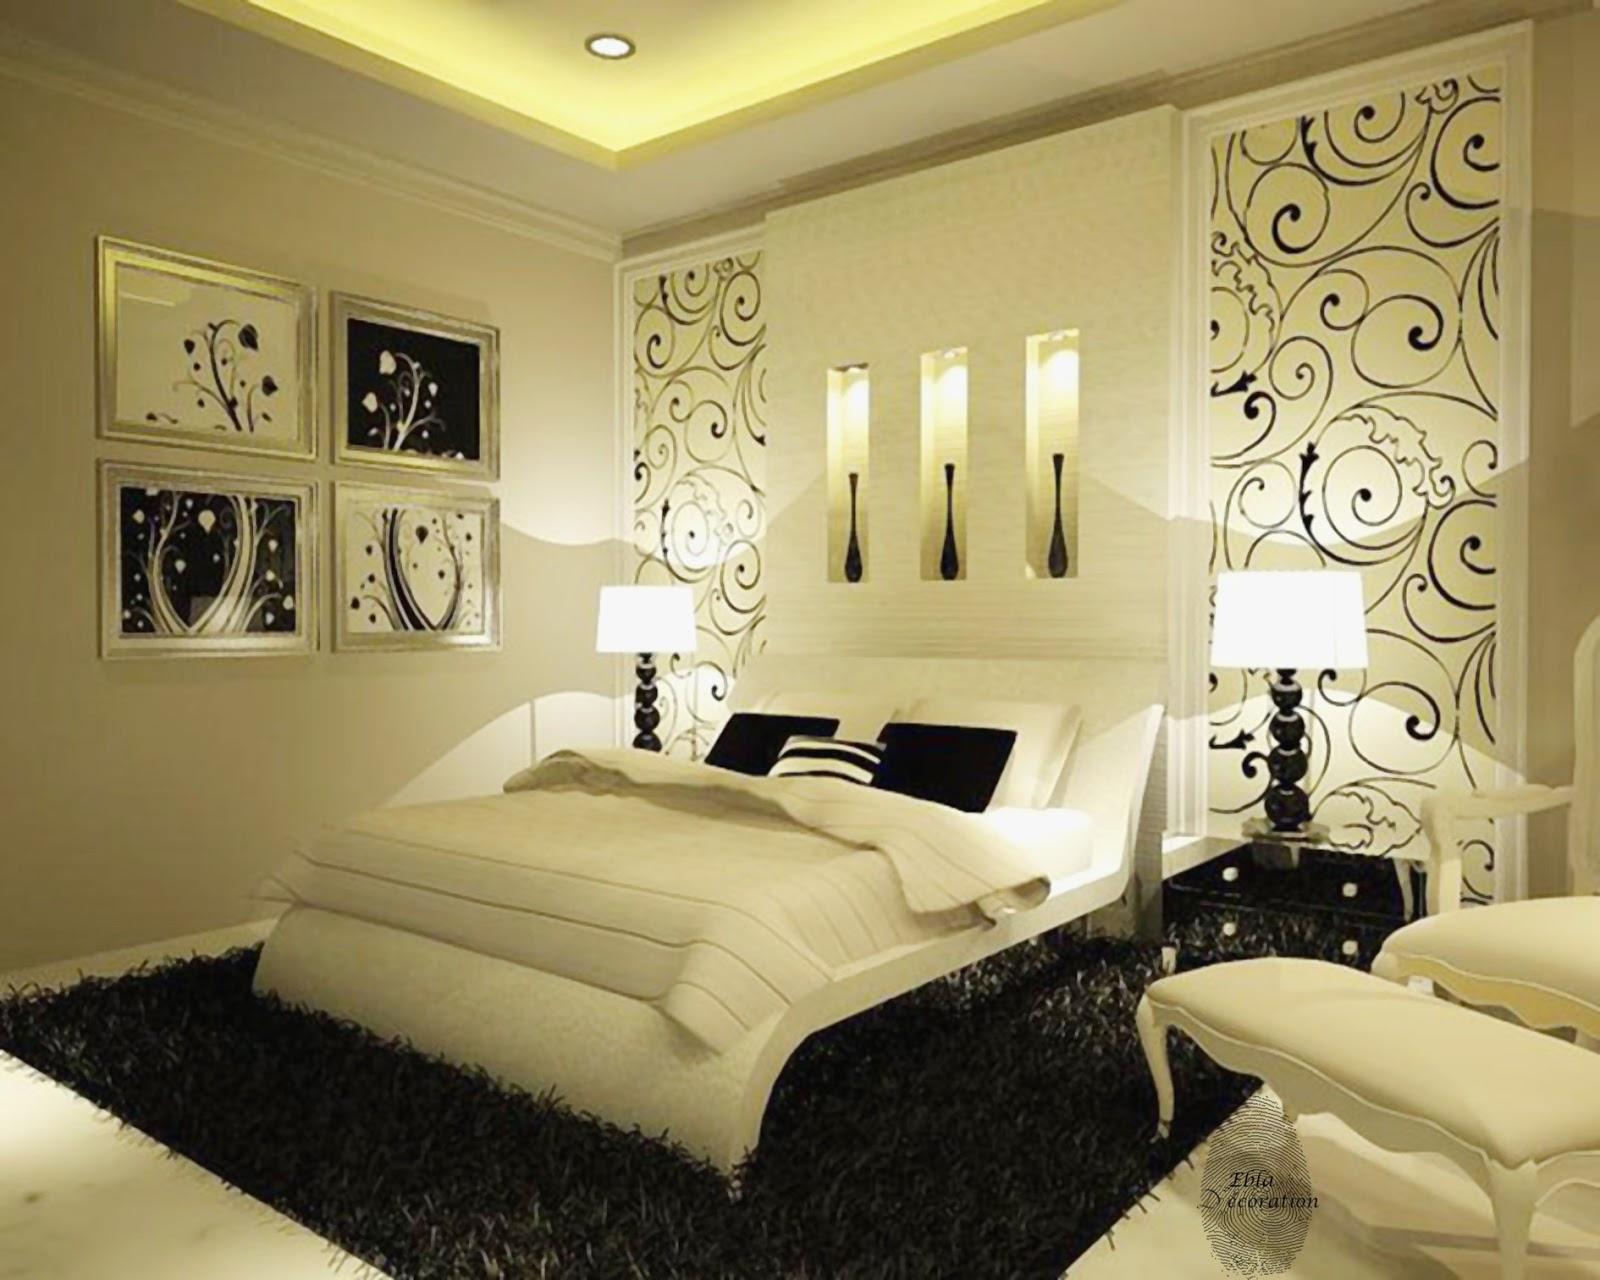 64a87d095 أحدث غرف النوم الرئيسية 2019,غرف نوم مميزة,ديكورات مختلفة لغرف نوم رئيسية